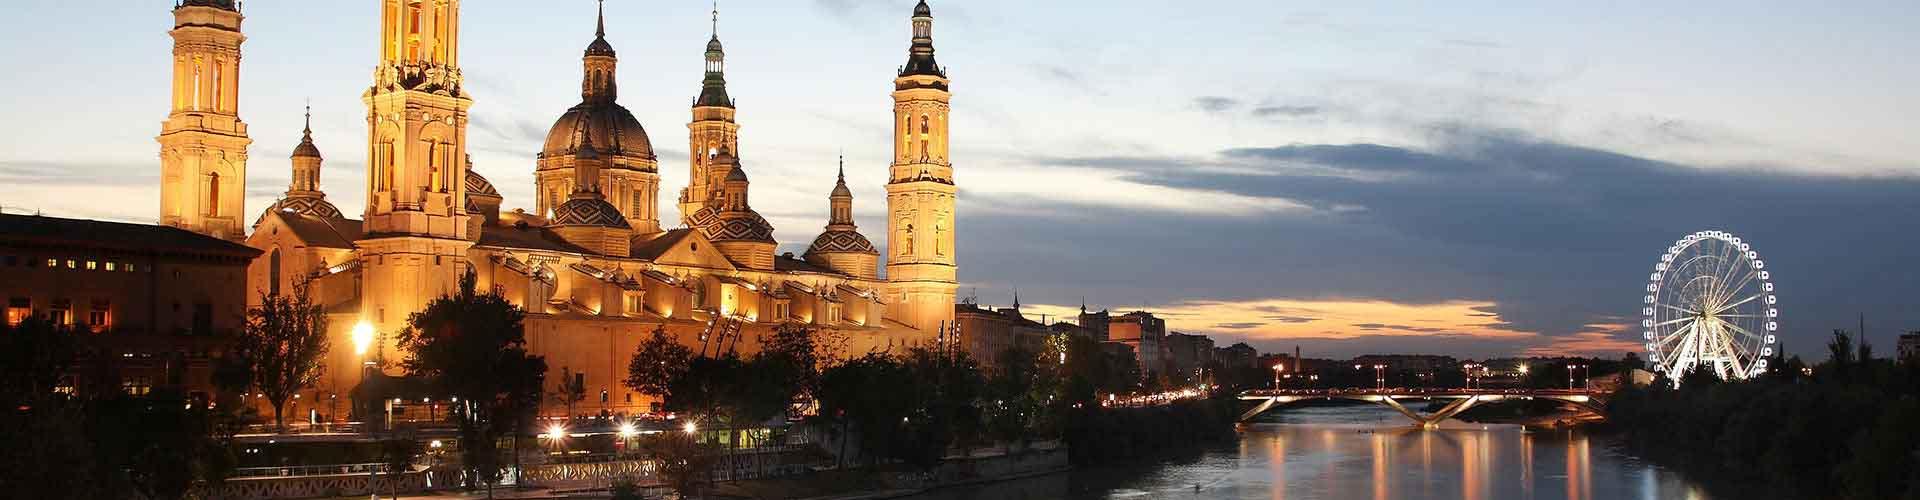 Zaragoza - Campamentos en el distrito San Miguel. Mapas de Zaragoza, Fotos y comentarios de cada Campamento en Zaragoza.